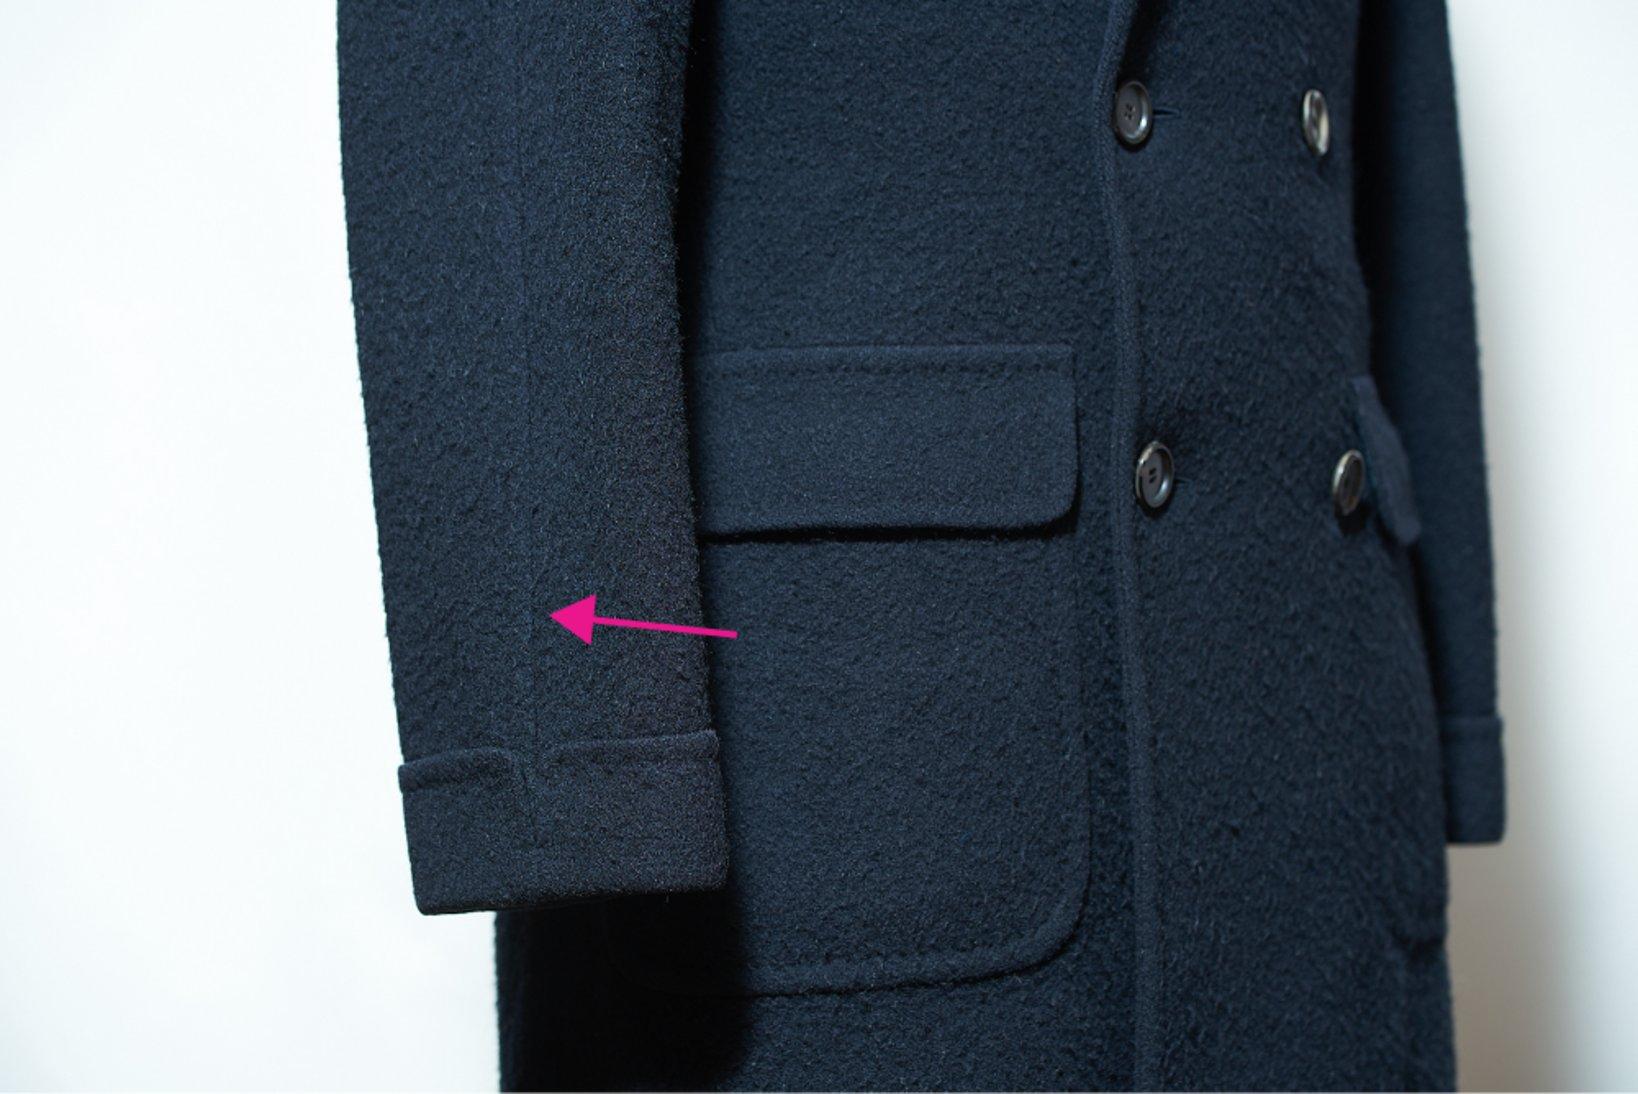 袖裾のカフスとセミラグランスリーブ。セットになりがちな組み合わせ。